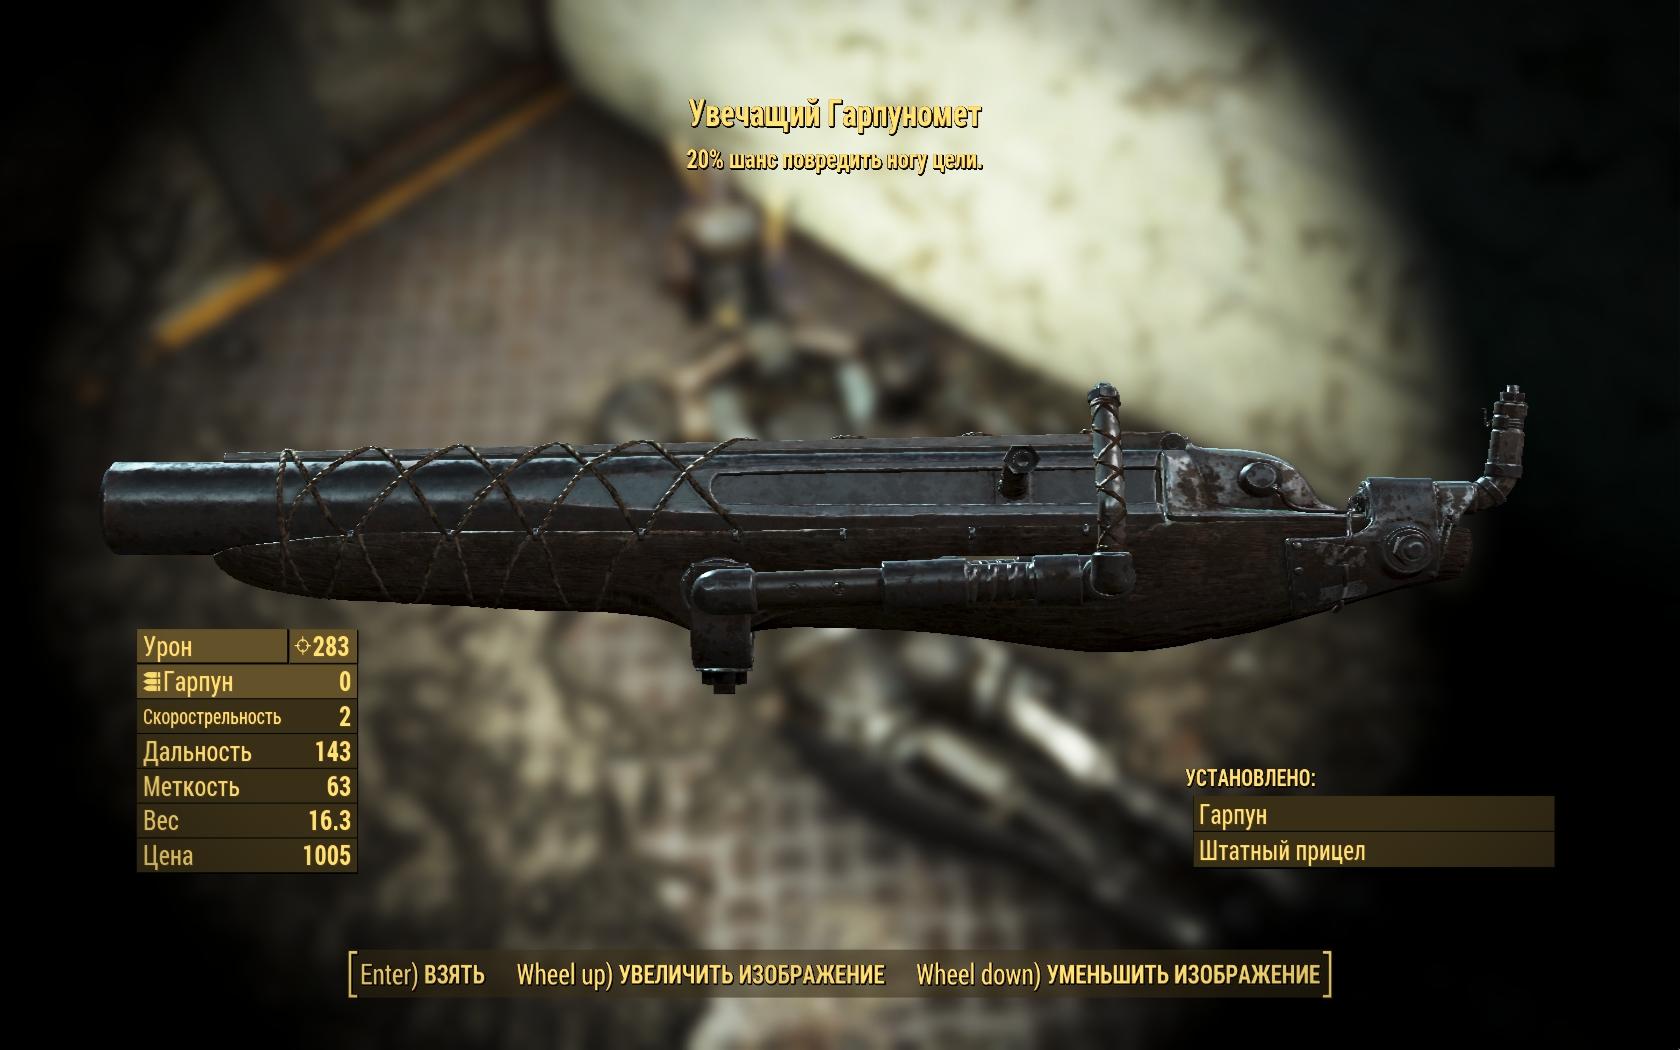 Увечащий гарпуномёт (Фар-Харбор) - Fallout 4 гарпуномёт, Оружие, Увечащий, Увечащий гарпуномёт